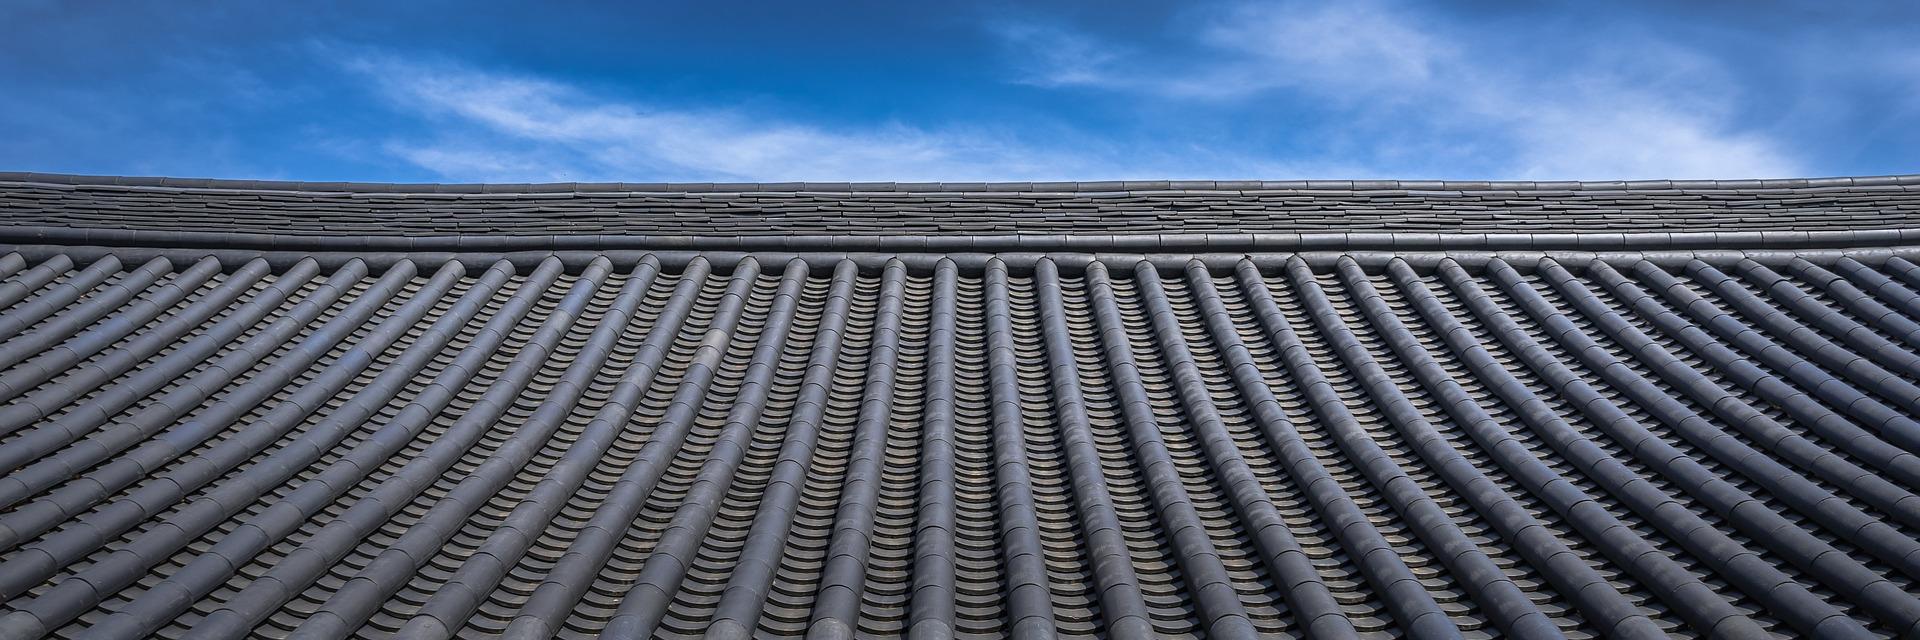 Dach Eindeckung